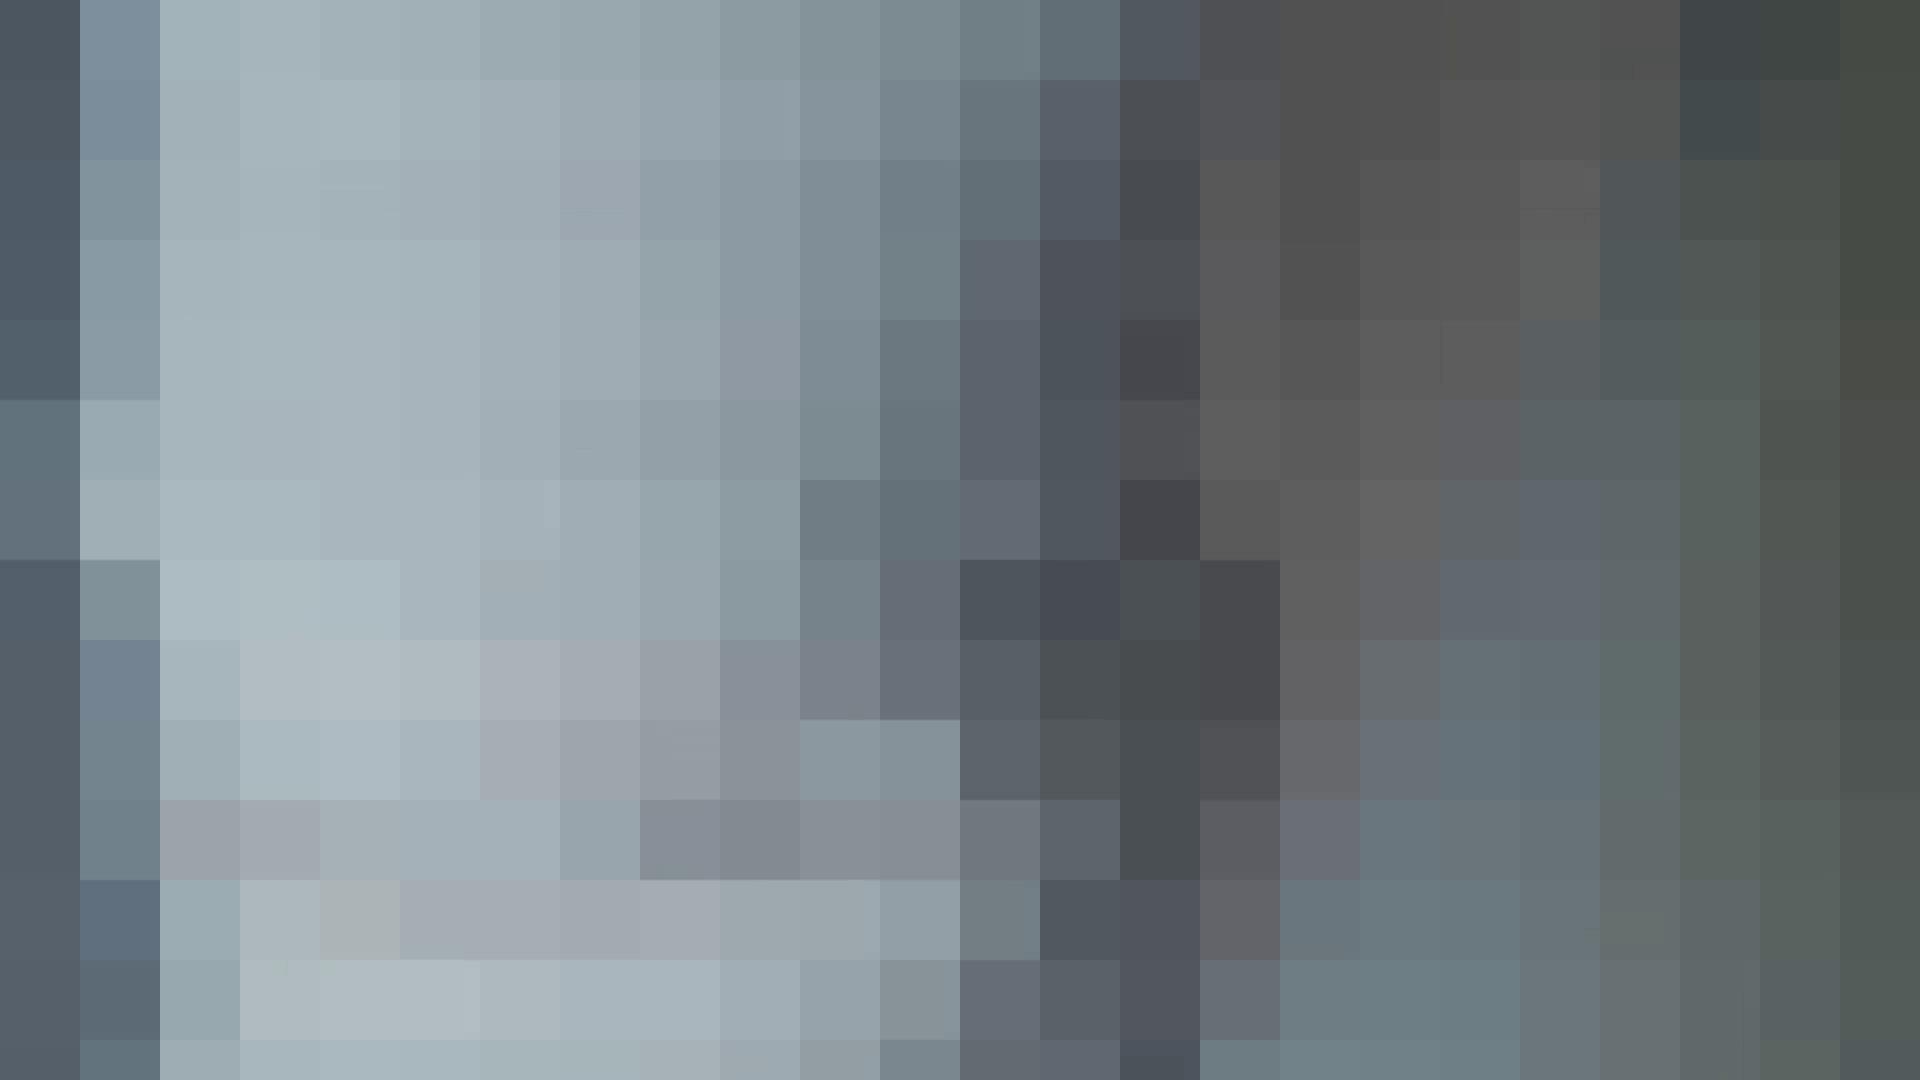 阿国ちゃんの「和式洋式七変化」No.16 和式便所 | 洗面所のぞき 盗撮 102枚 10